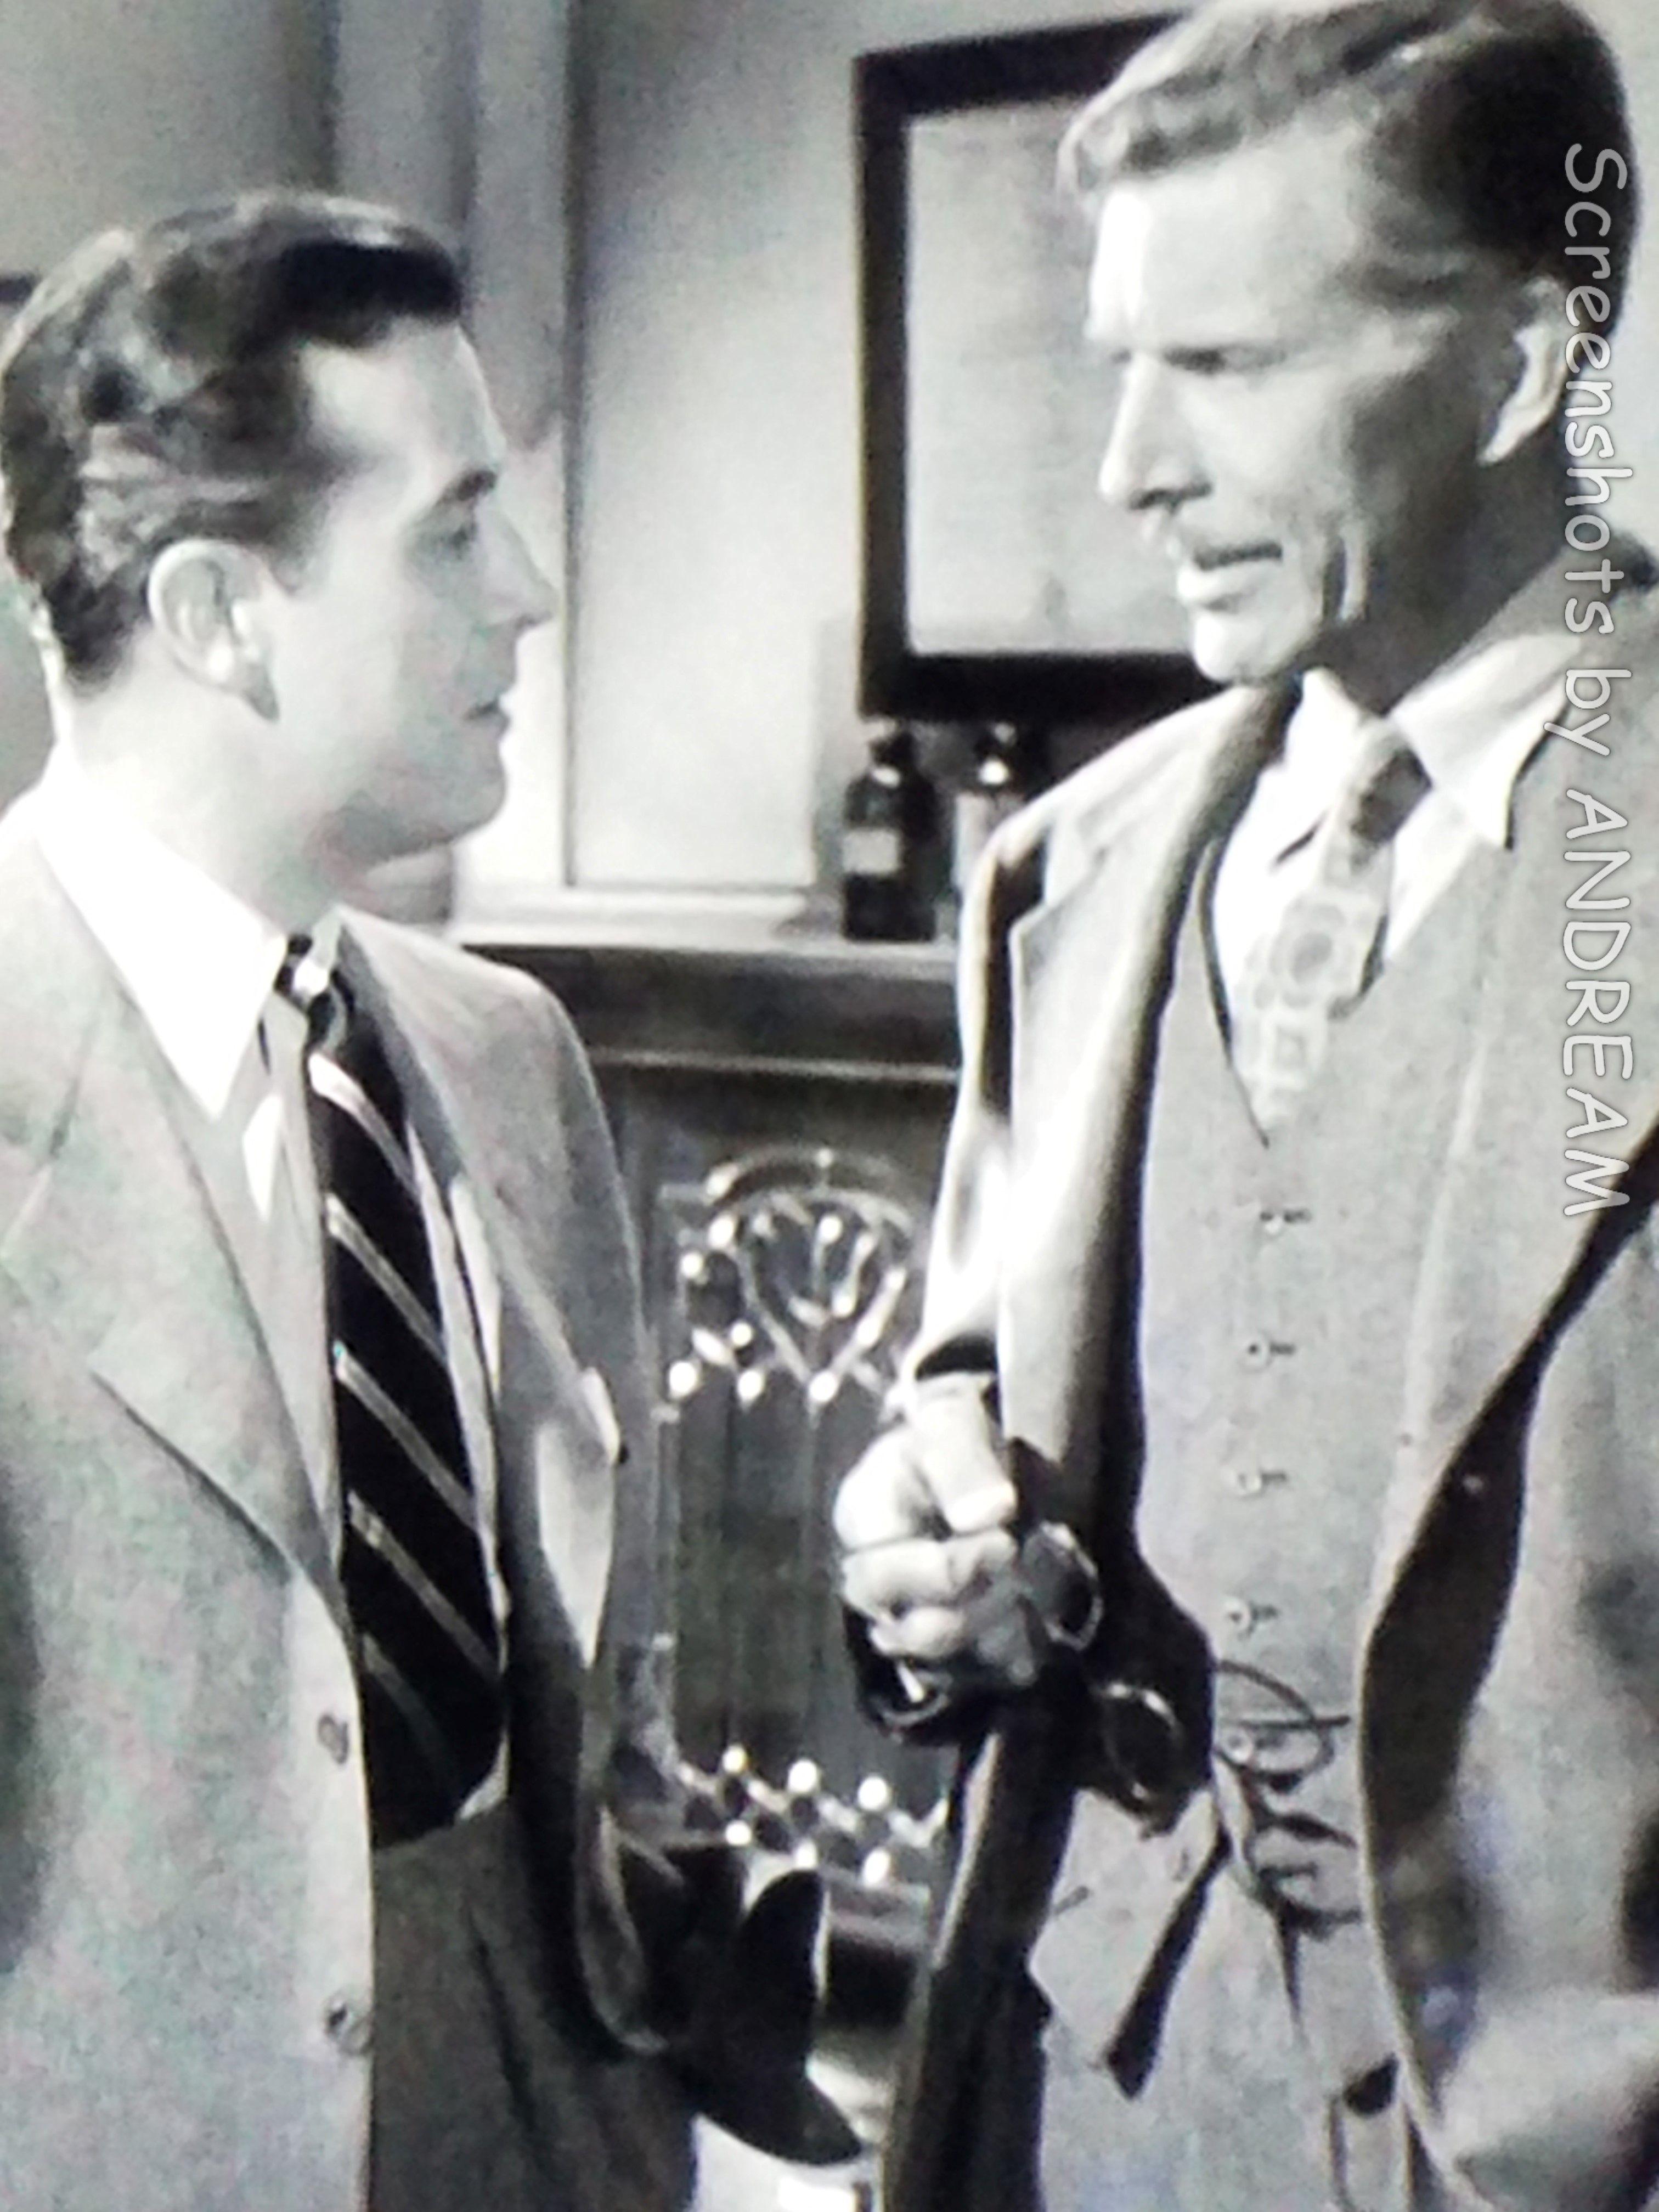 Ray Milland And Alan Napier In 2020 The Uninvited Fictional Characters John Eigentlich alan william napier clavering) war ein britischer theater und filmschauspieler. pinterest